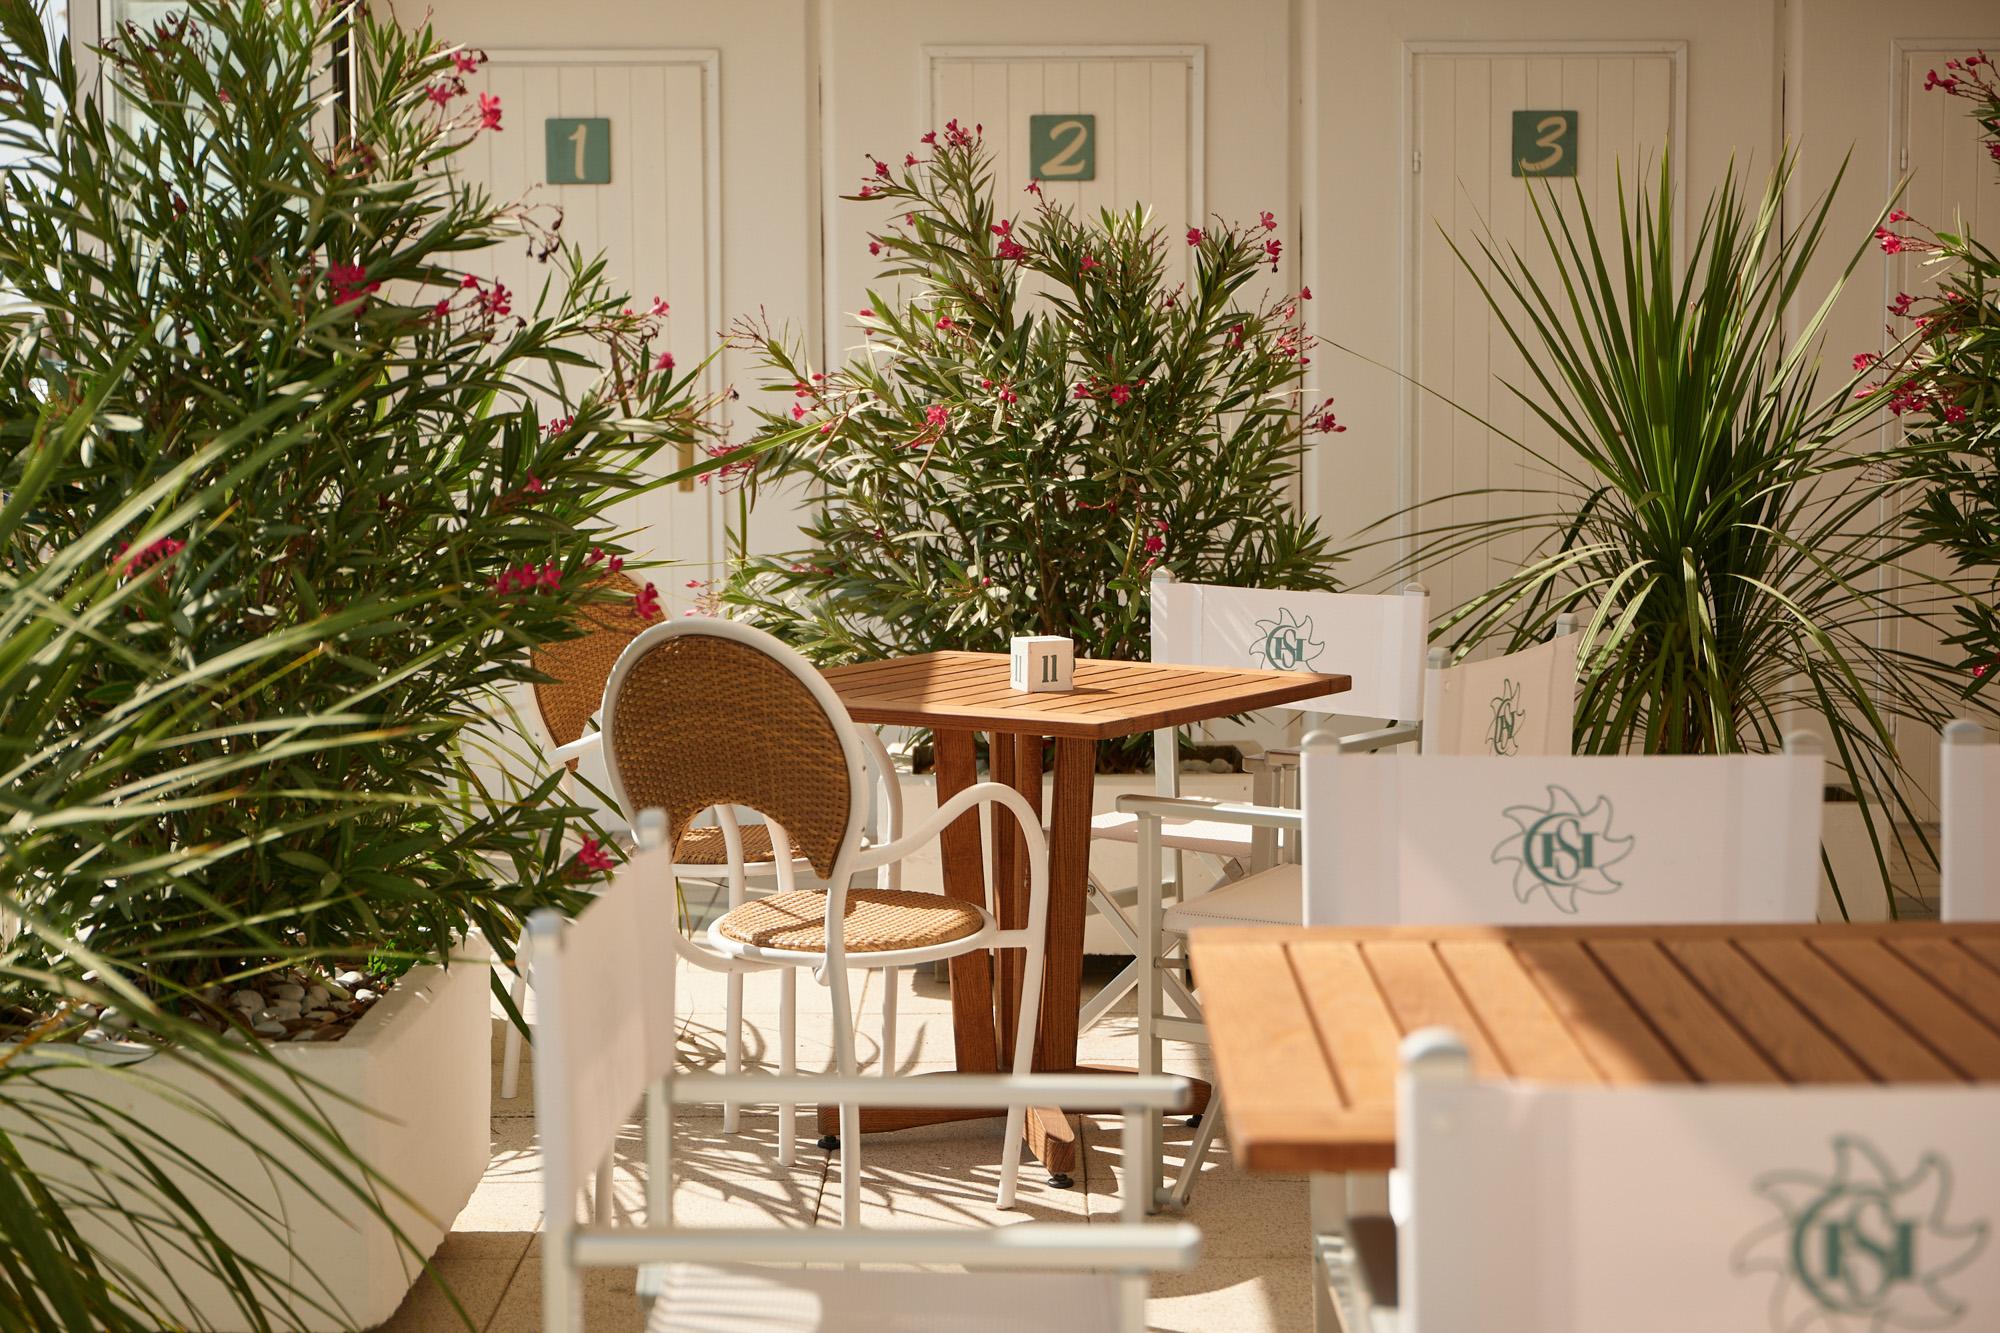 bagno giuliano 247 milano marittima spiaggia distanziata tavoli bar esterni per ristorazione e aperitivo